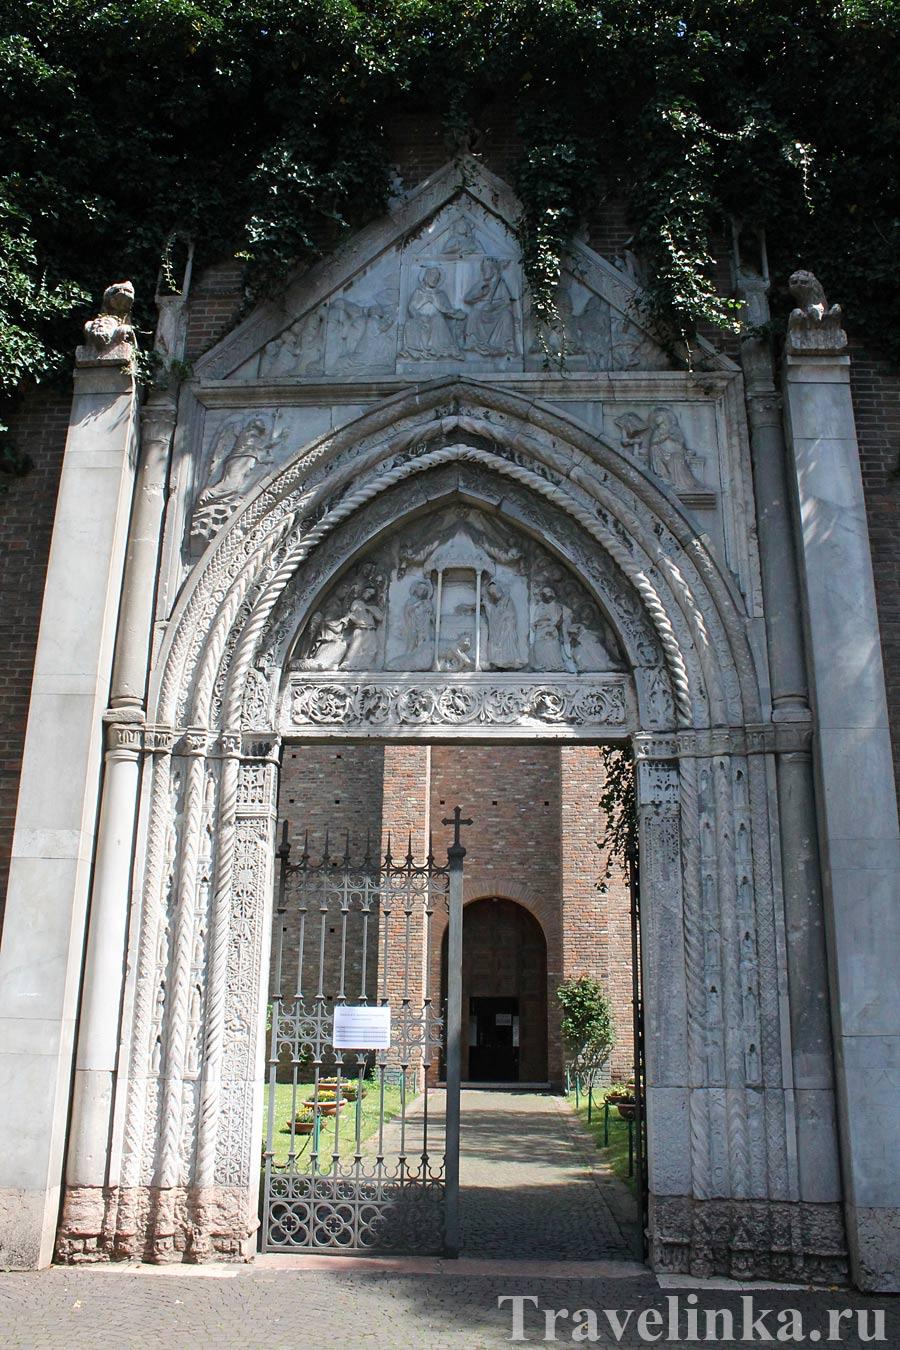 Церковь Св. Иоанна-евангелиста - самая древняя в Равенне